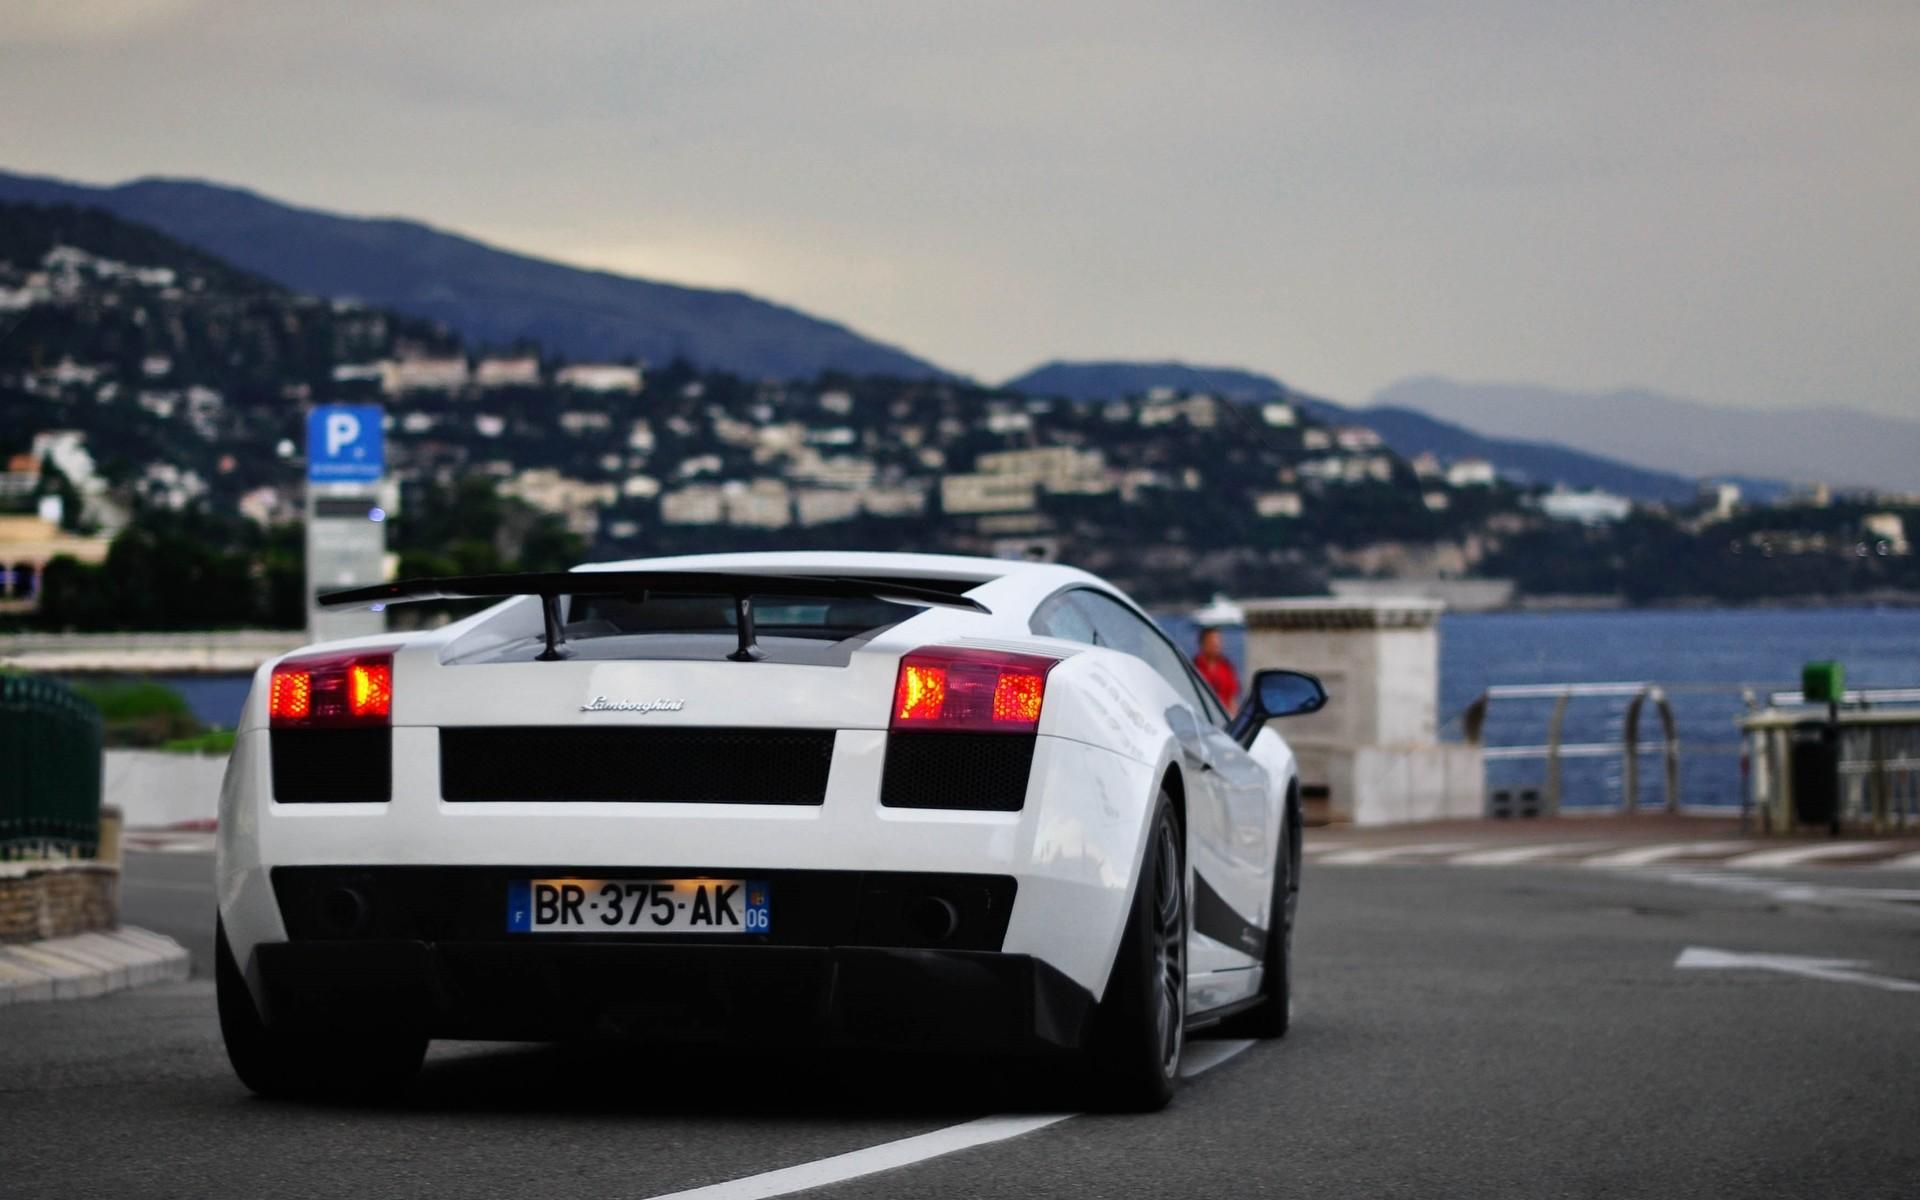 Lamborghini Veneno Interior Wallpaper | Lamborghini Wallpapers | Pinterest  | Lamborghini veneno, Lamborghini and Ferrari